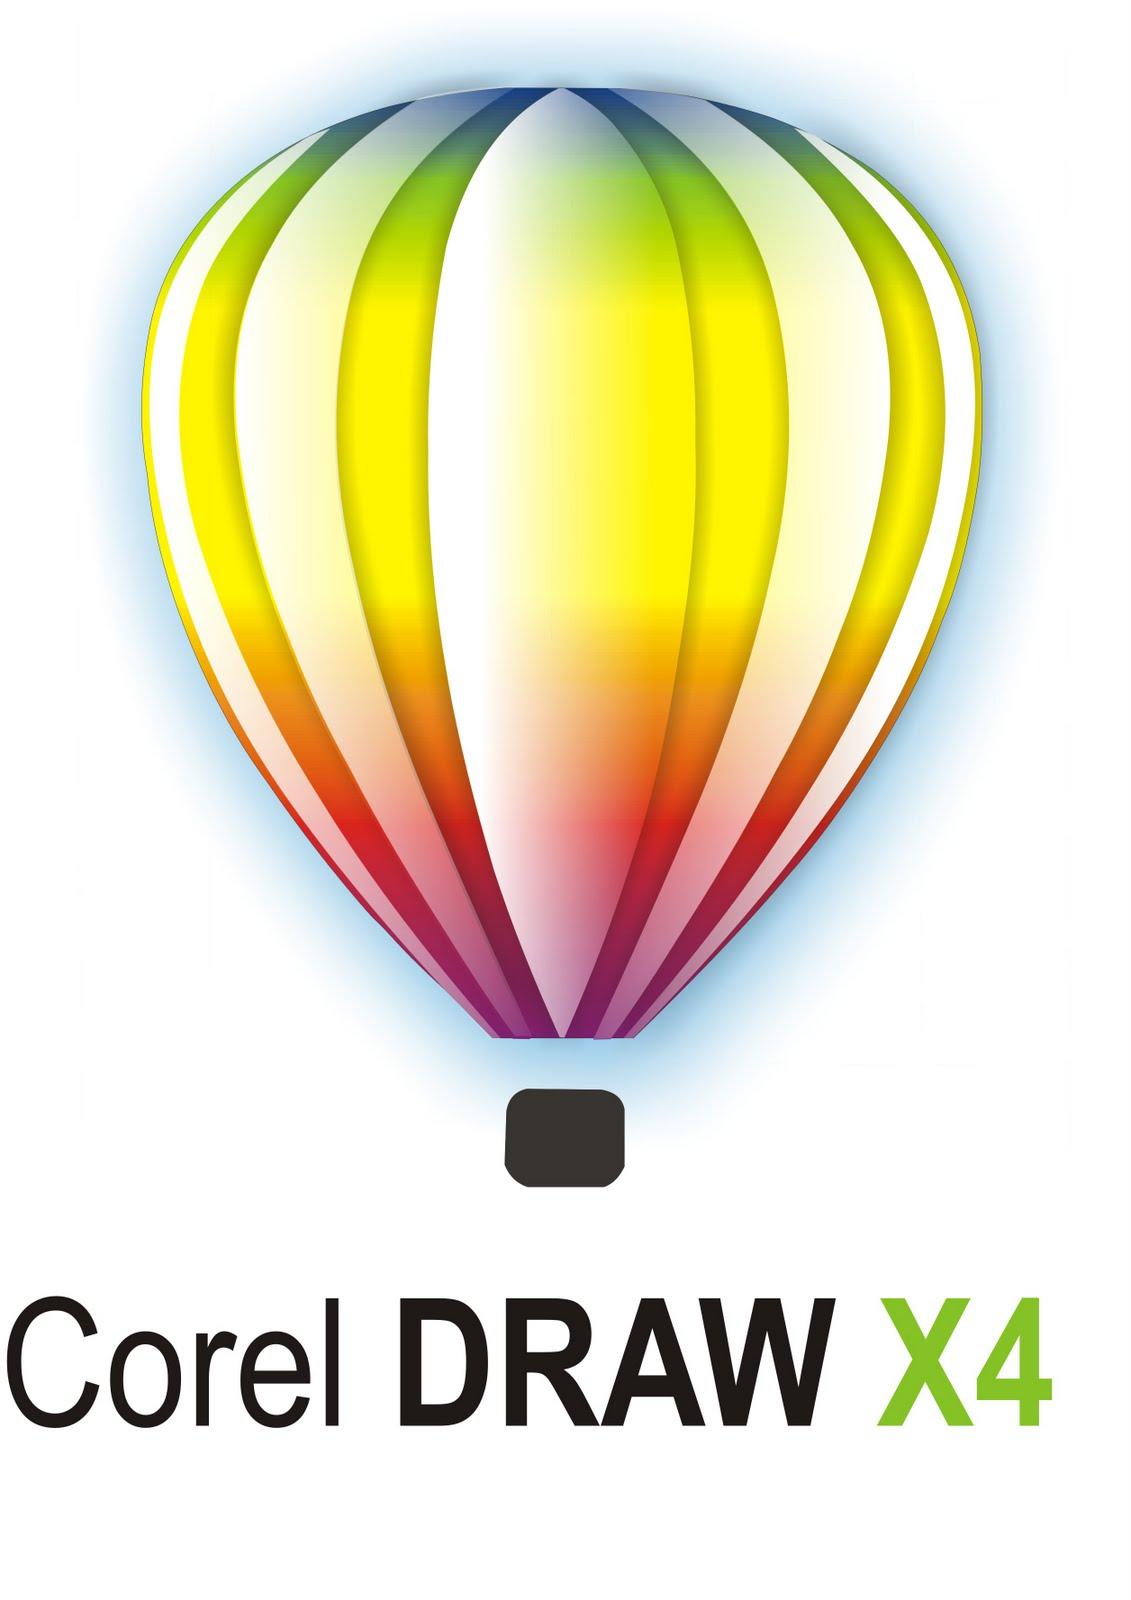 Coreldraw x4 windows 10 - Corel Draw Logo X4 Icon Image 5677